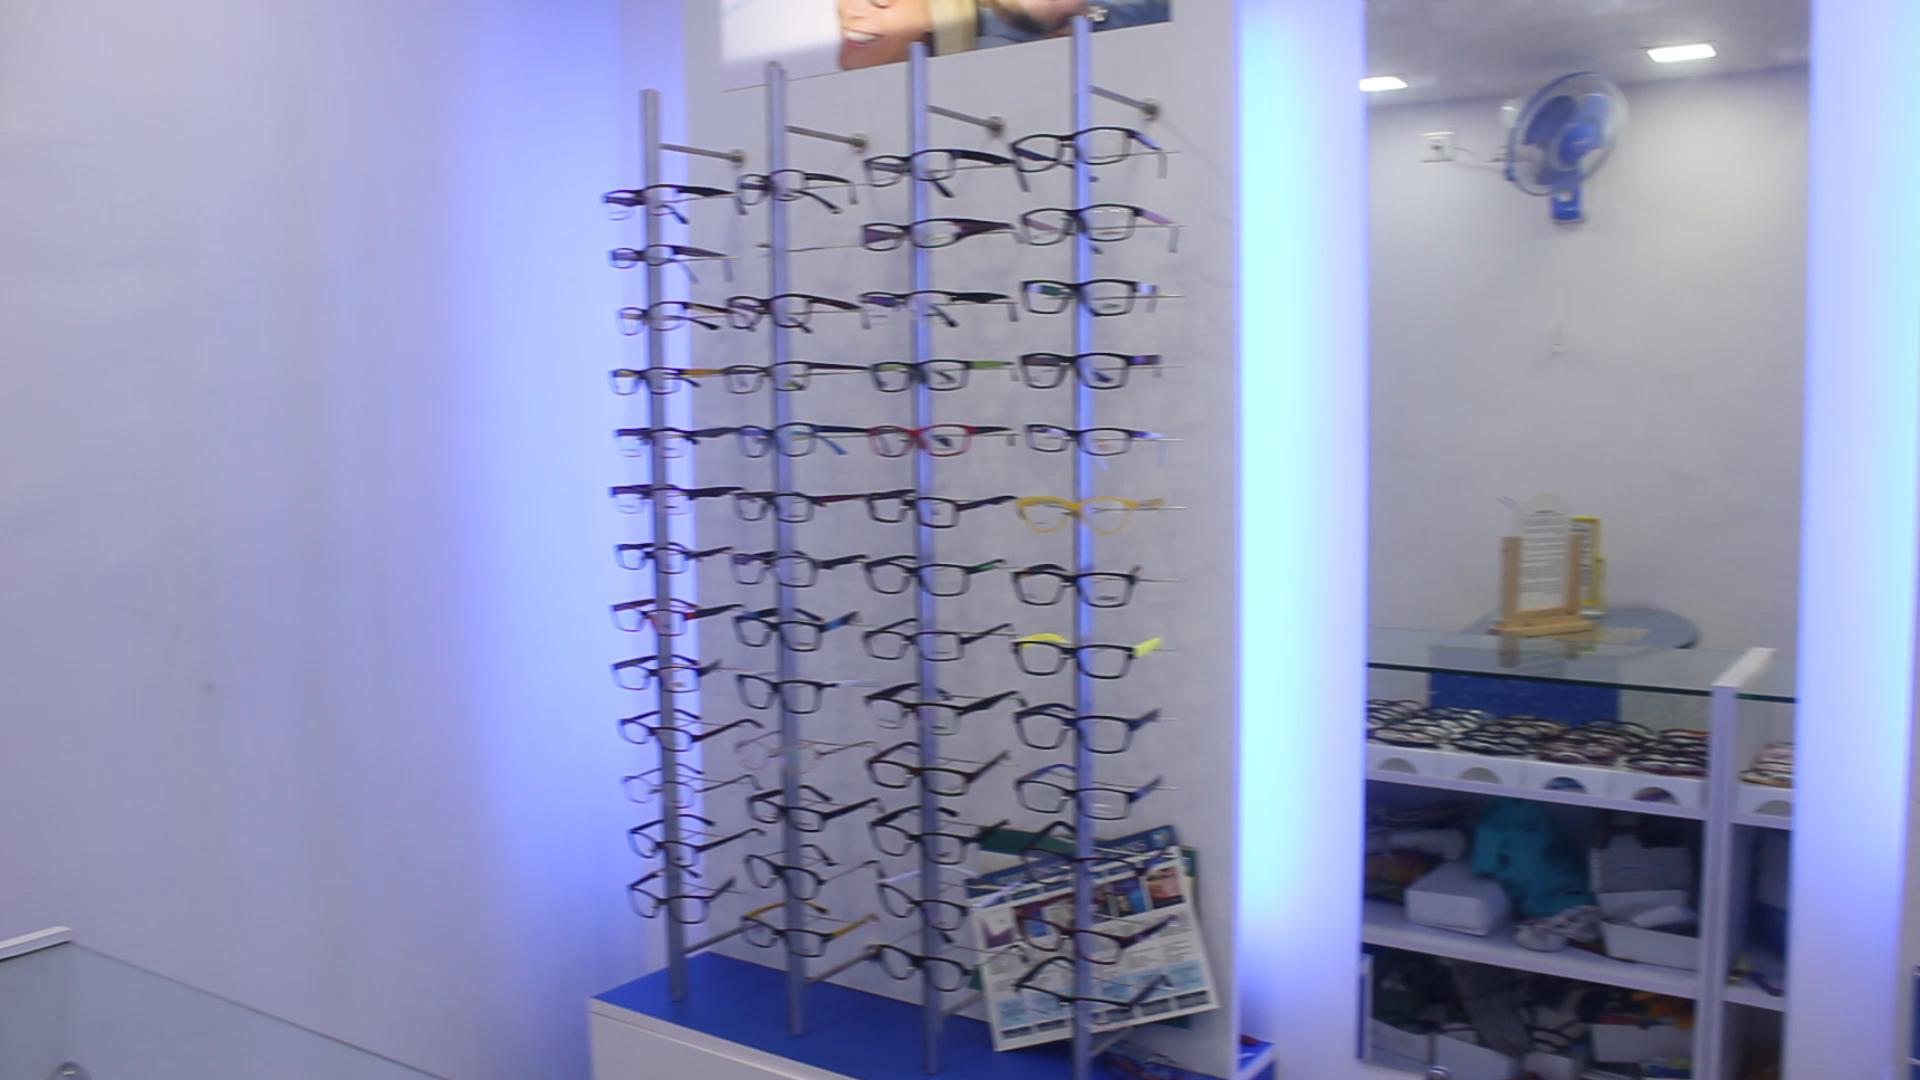 Spectacles in Nerul West, Mumbai